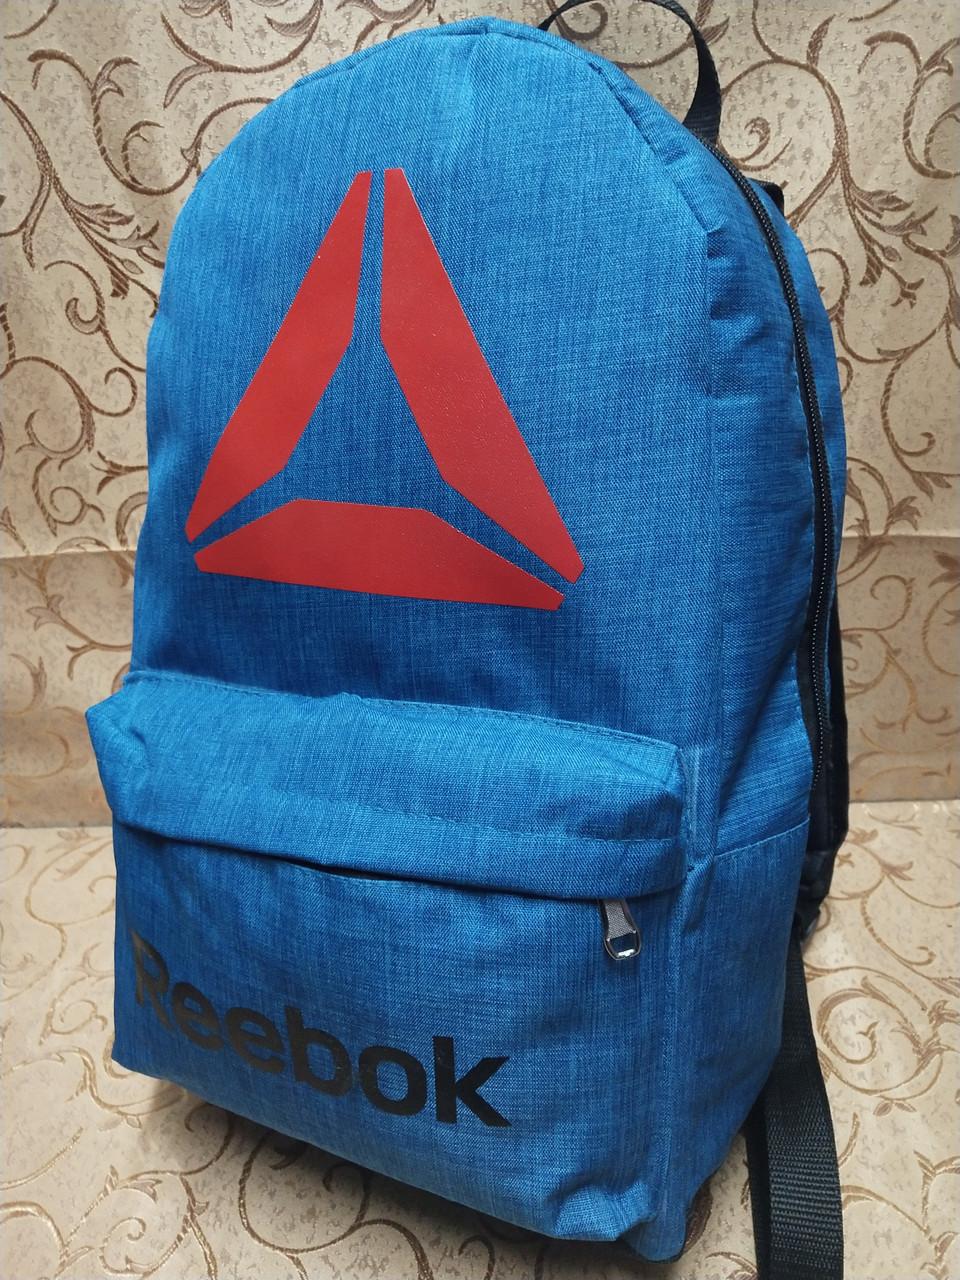 Рюкзак reebok мессенджер 300D спорт спортивный городской стильный Школьный рюкзак только опт